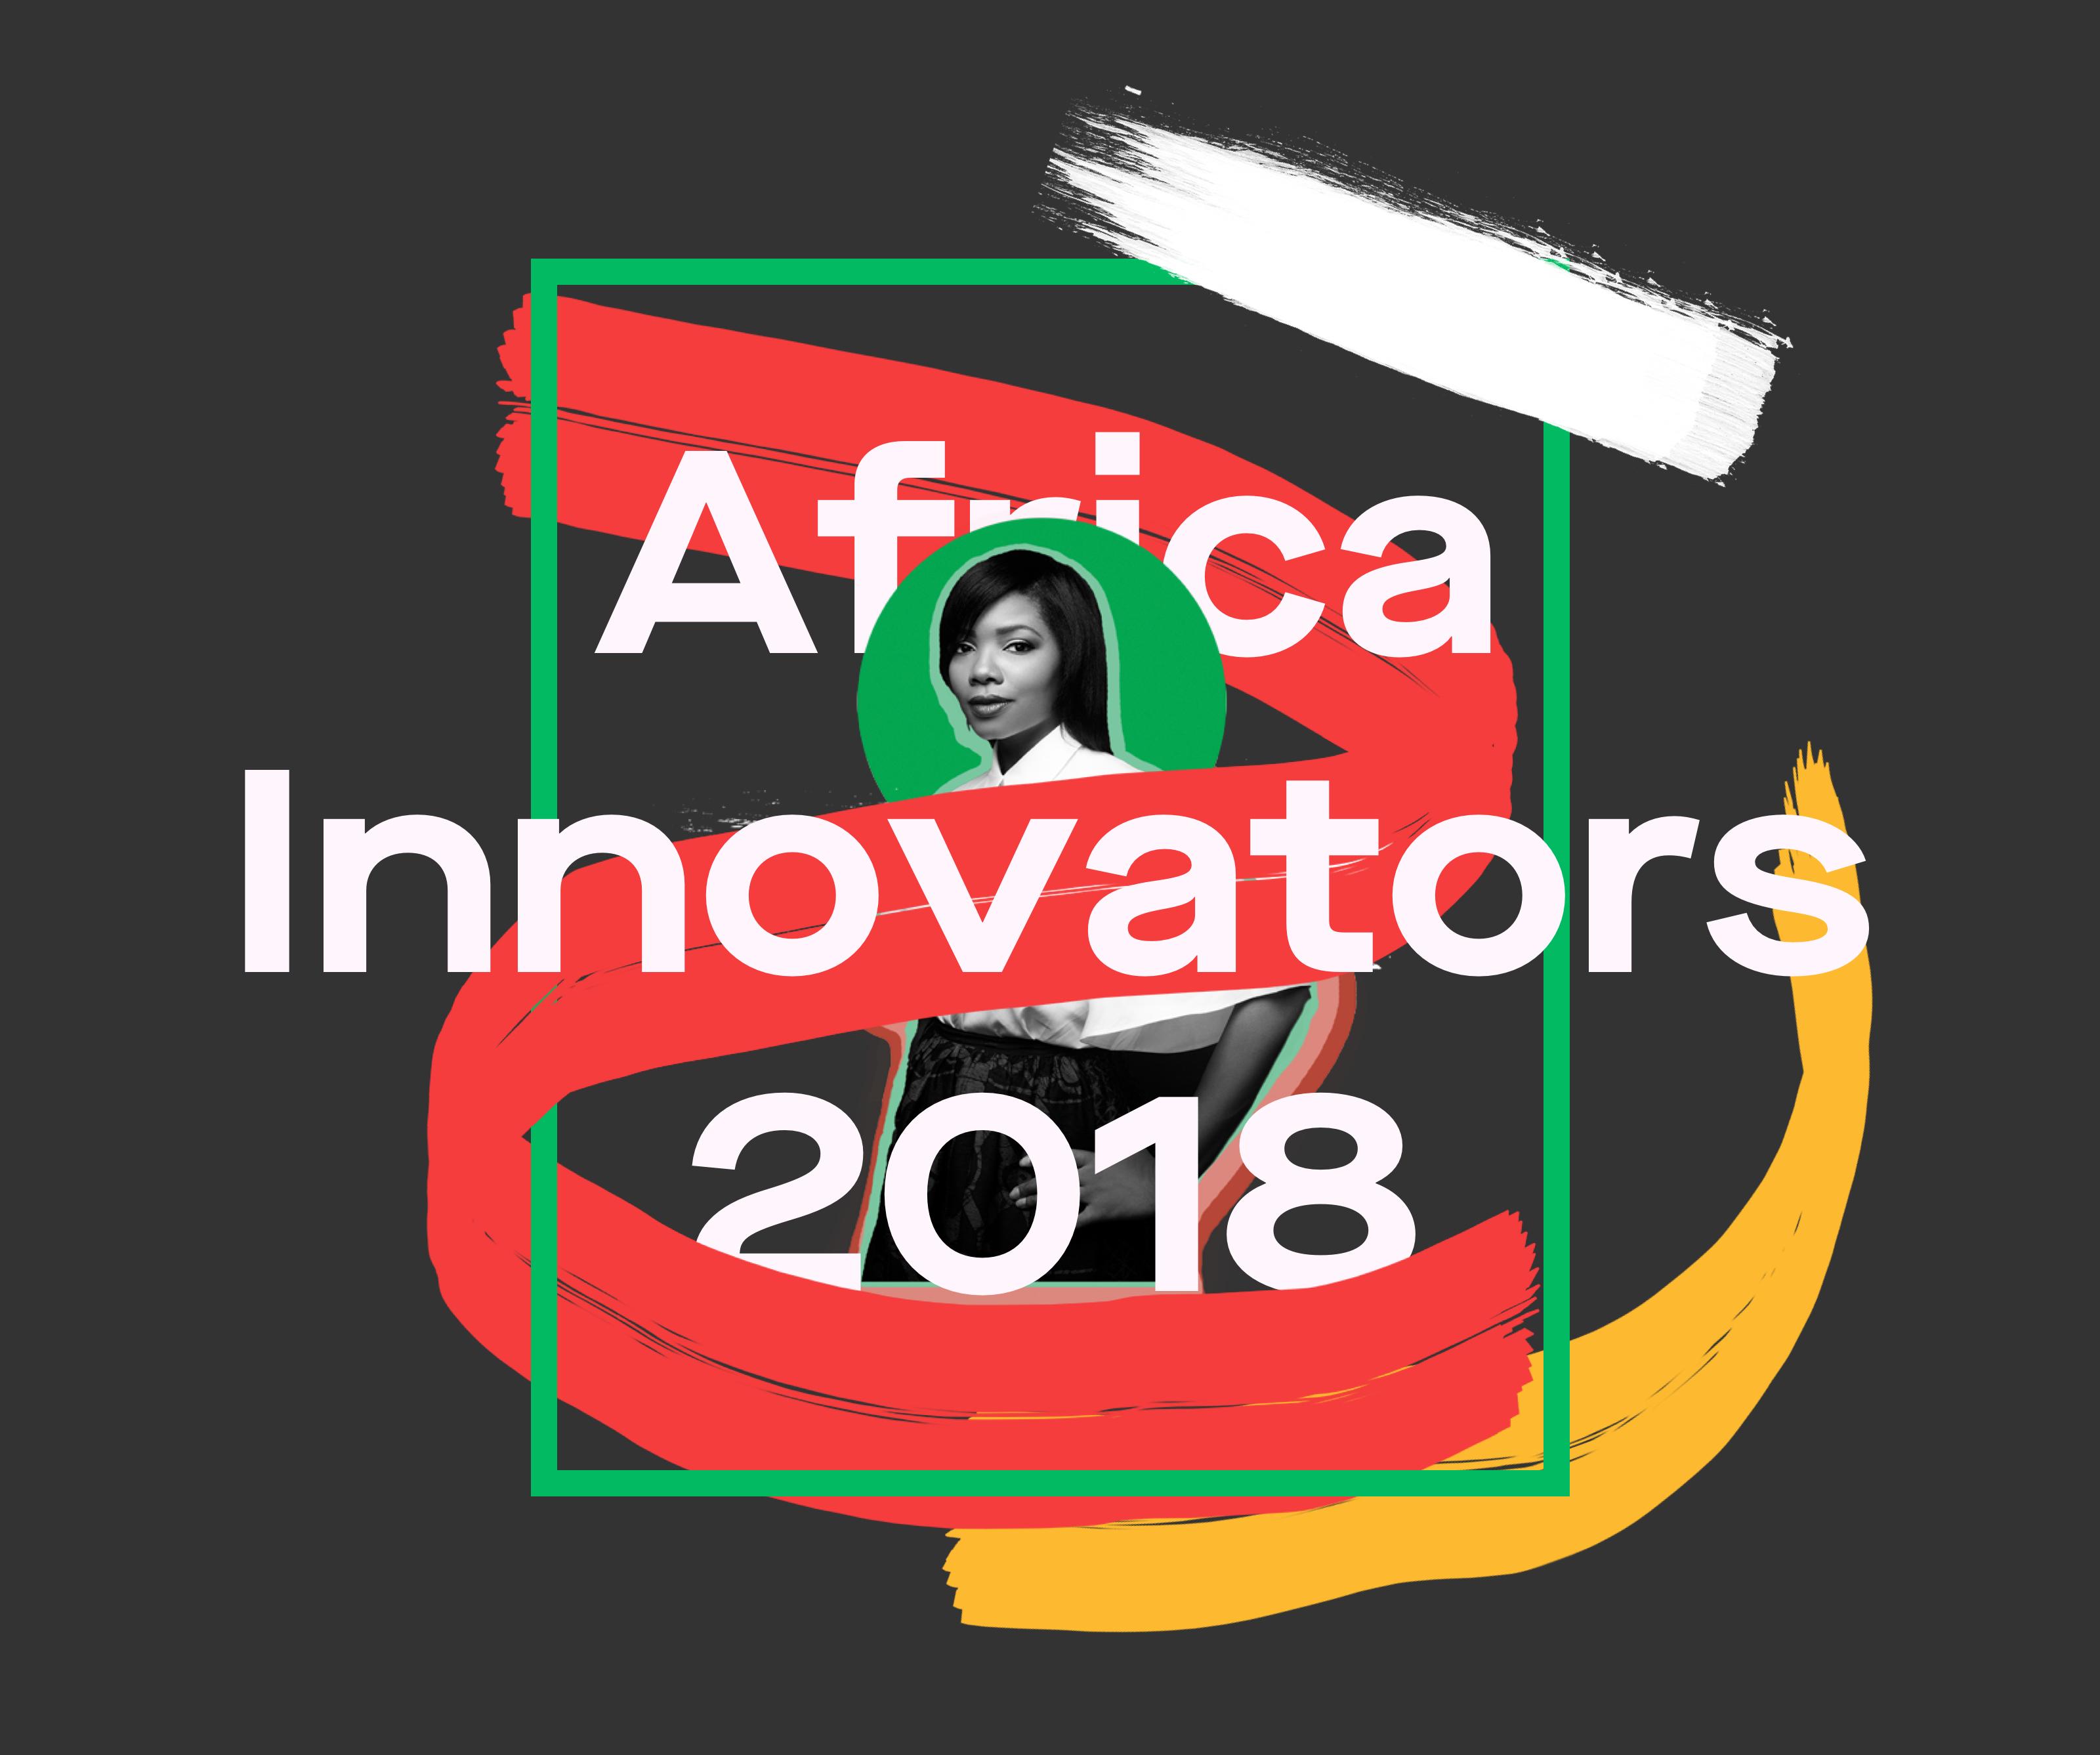 Quartz Africa Innovators 2018: A list of 30 pioneers — Quartz Africa